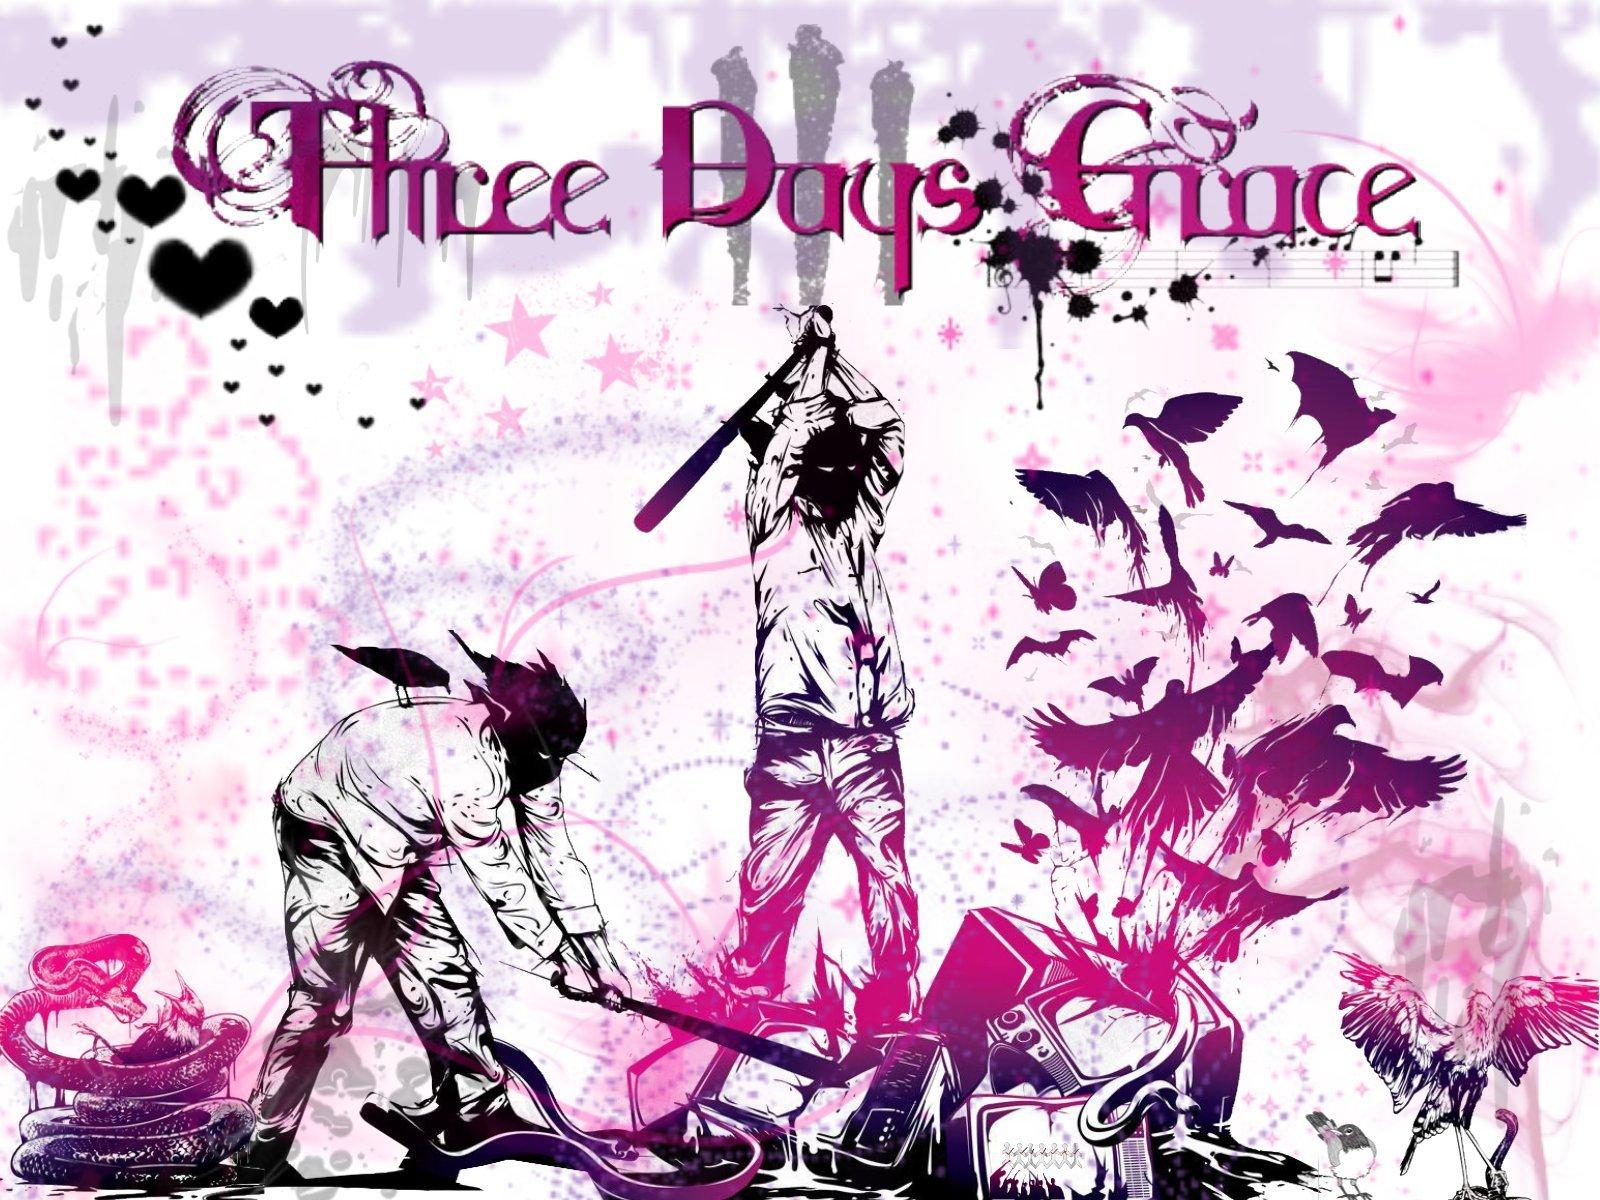 Three Days Grace   three days grace wallpaper 21765805   fanpop 1600x1200